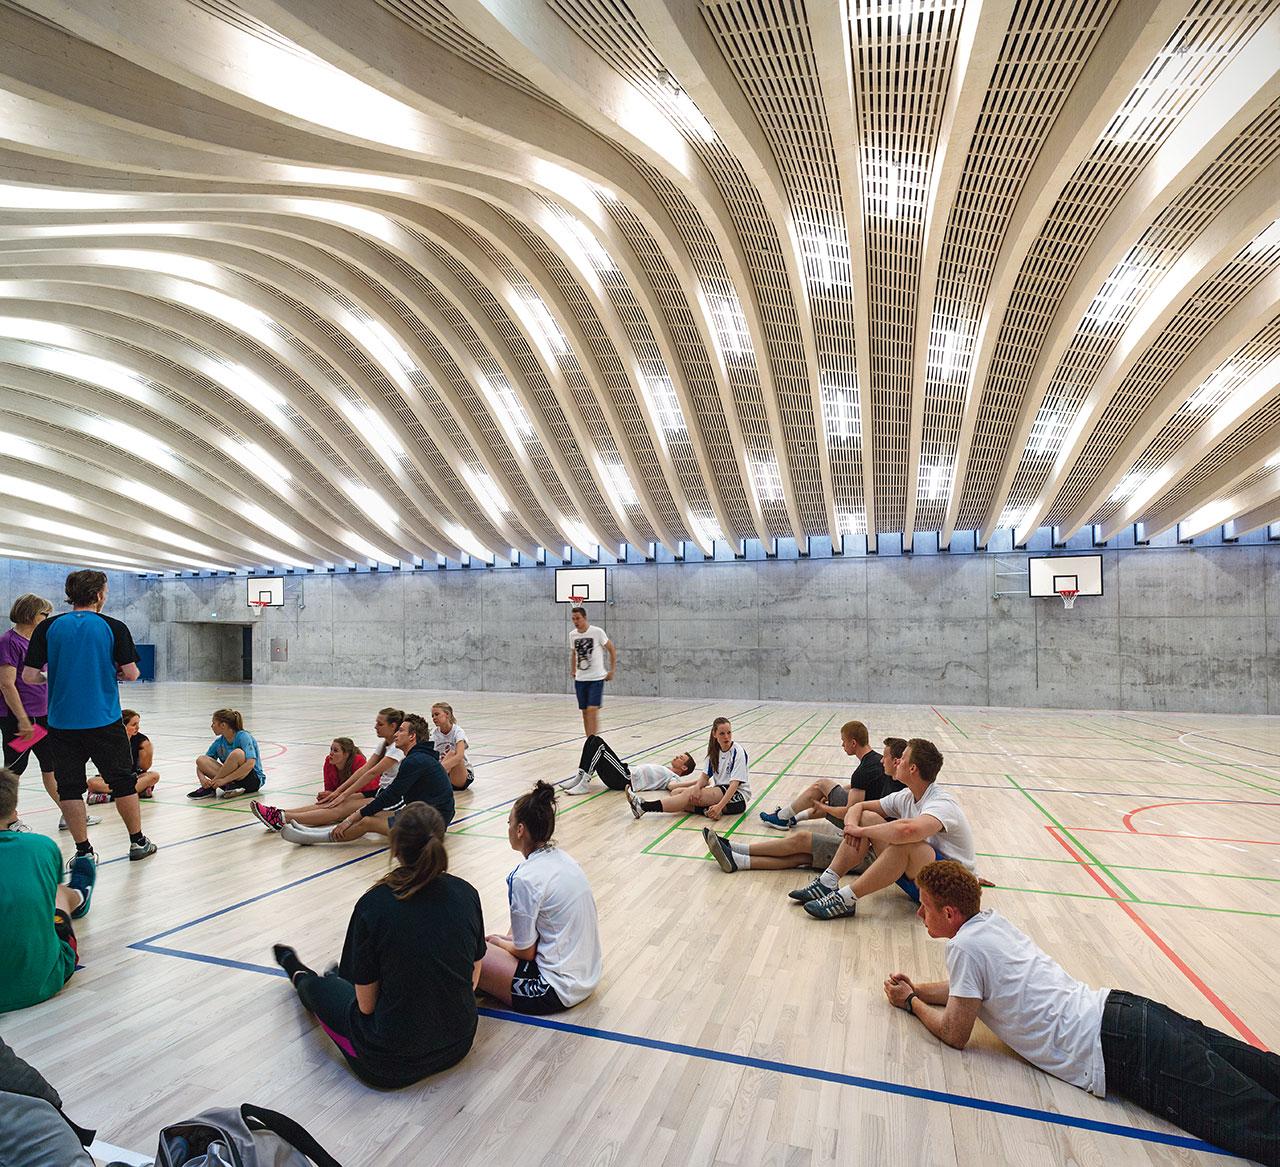 Big Gammel Hellerup Gymnasium